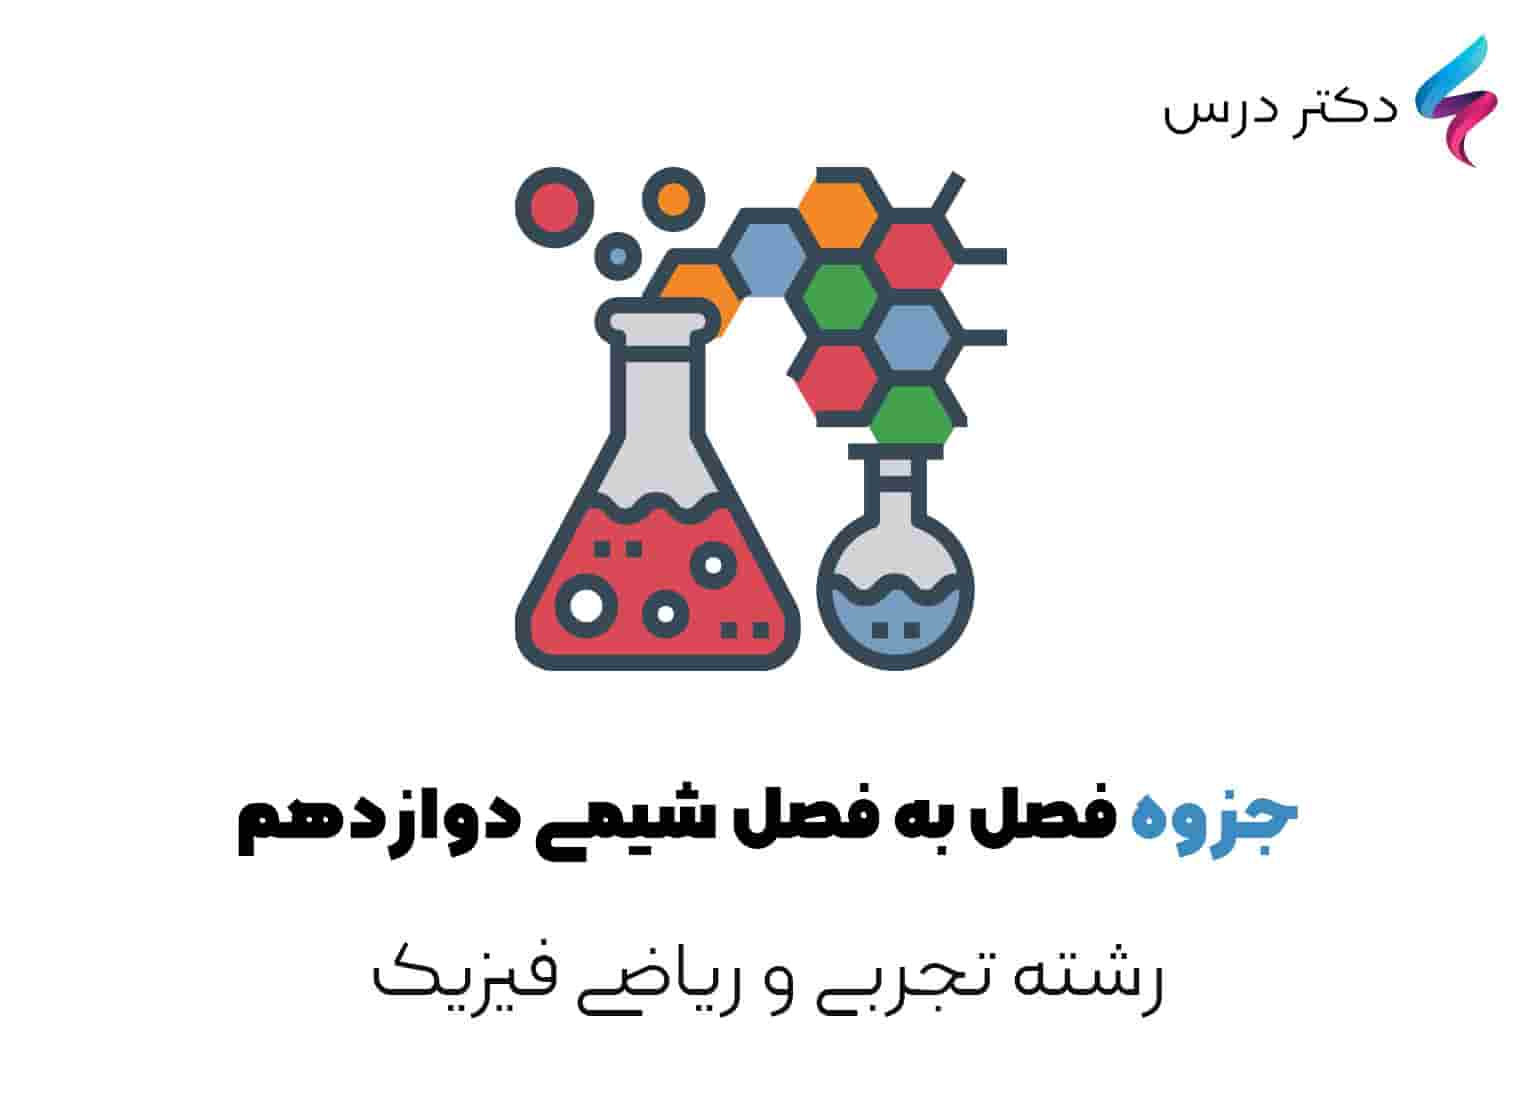 جزوه فصل به فصل شیمی دوازدهم